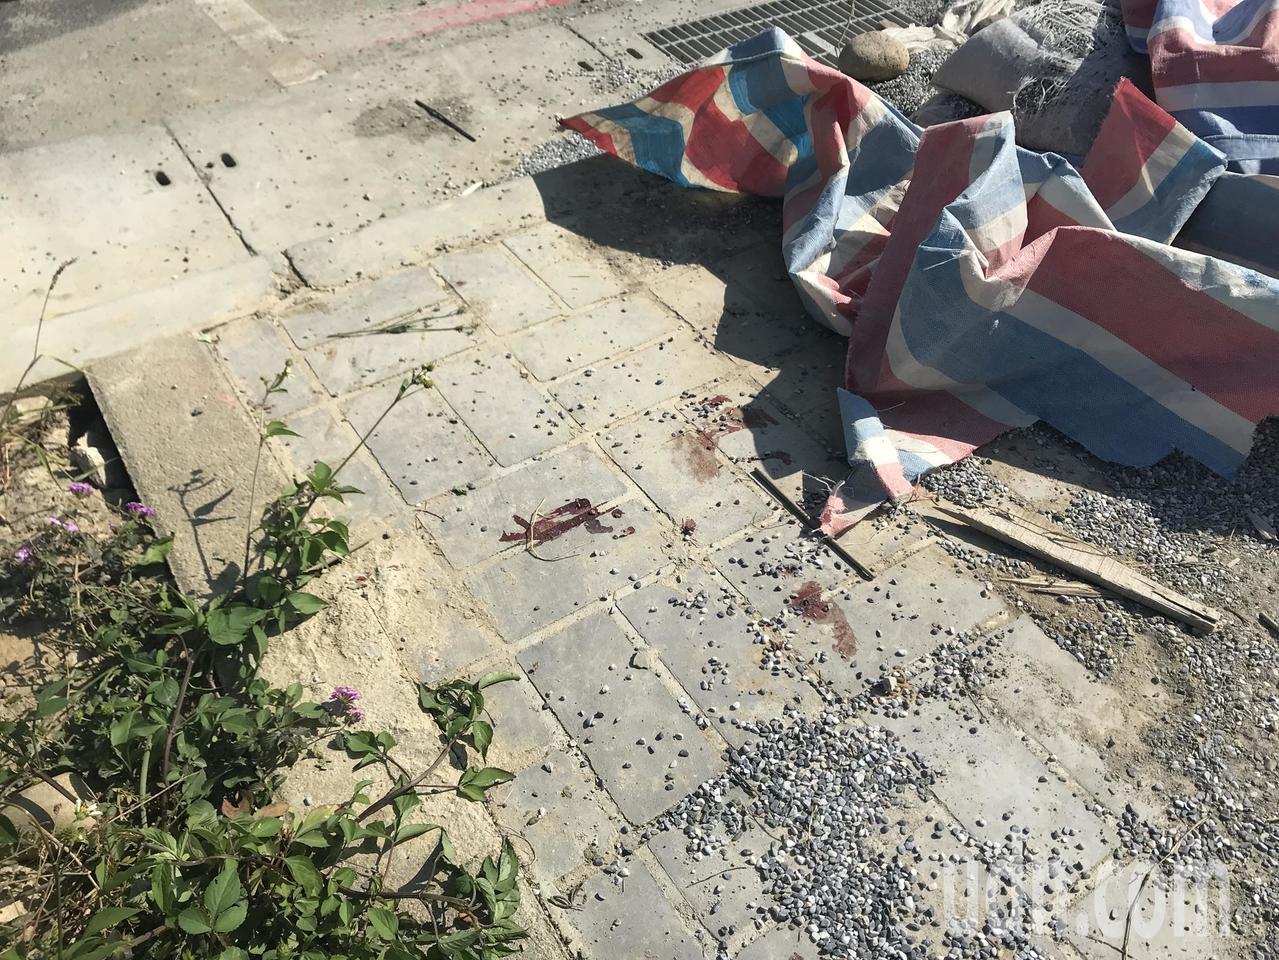 台中市北屯區14期重劃區發生工安意外,一名工人疑未戴安全帽撞破頭昏迷,急救時留下...